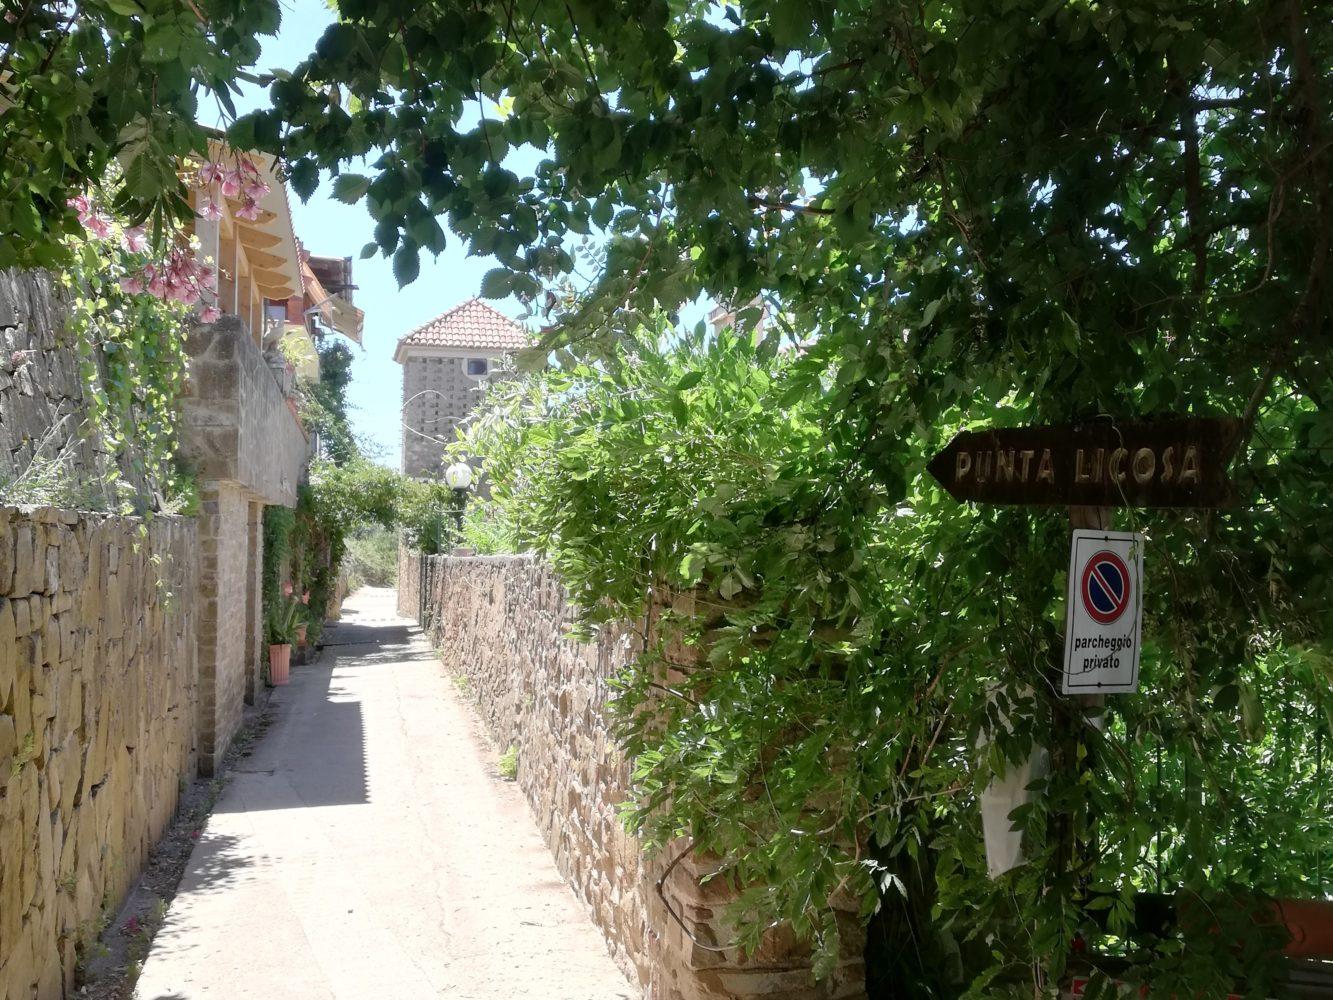 Sentiero per punta licosa, da San Marco di Castellabate alla sirena Leucosia.jpg